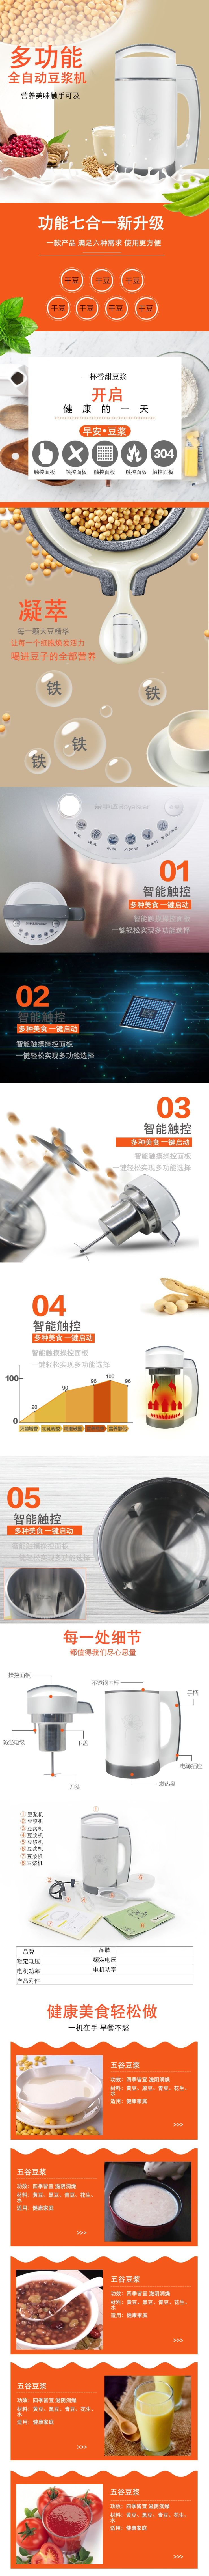 清新简约时尚豆浆机电商详情图